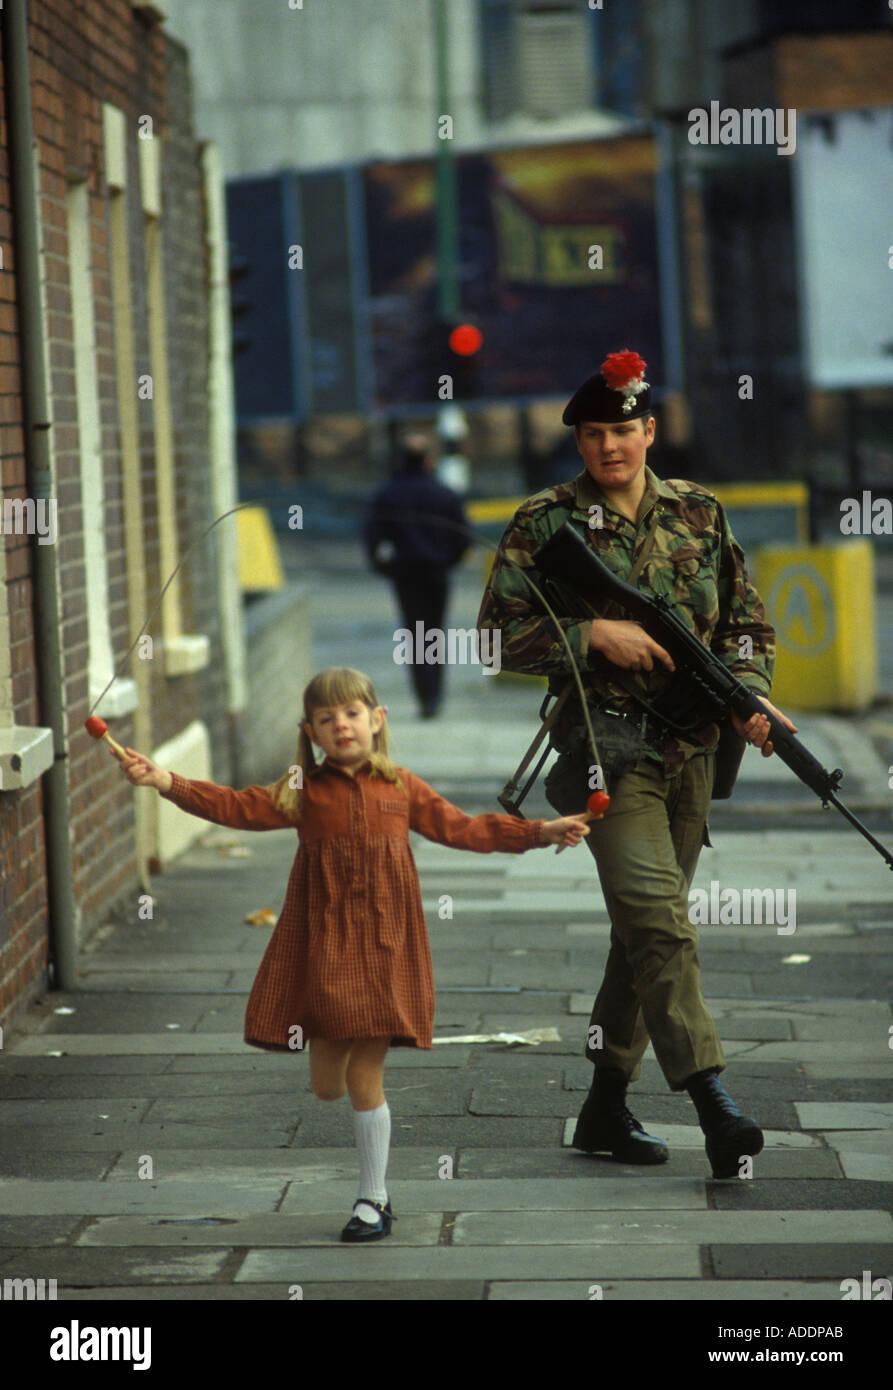 Britischer Soldat mit Gewehr auf Bewährung Belfast Nordirland 1981 HOMER SYKES Stockbild